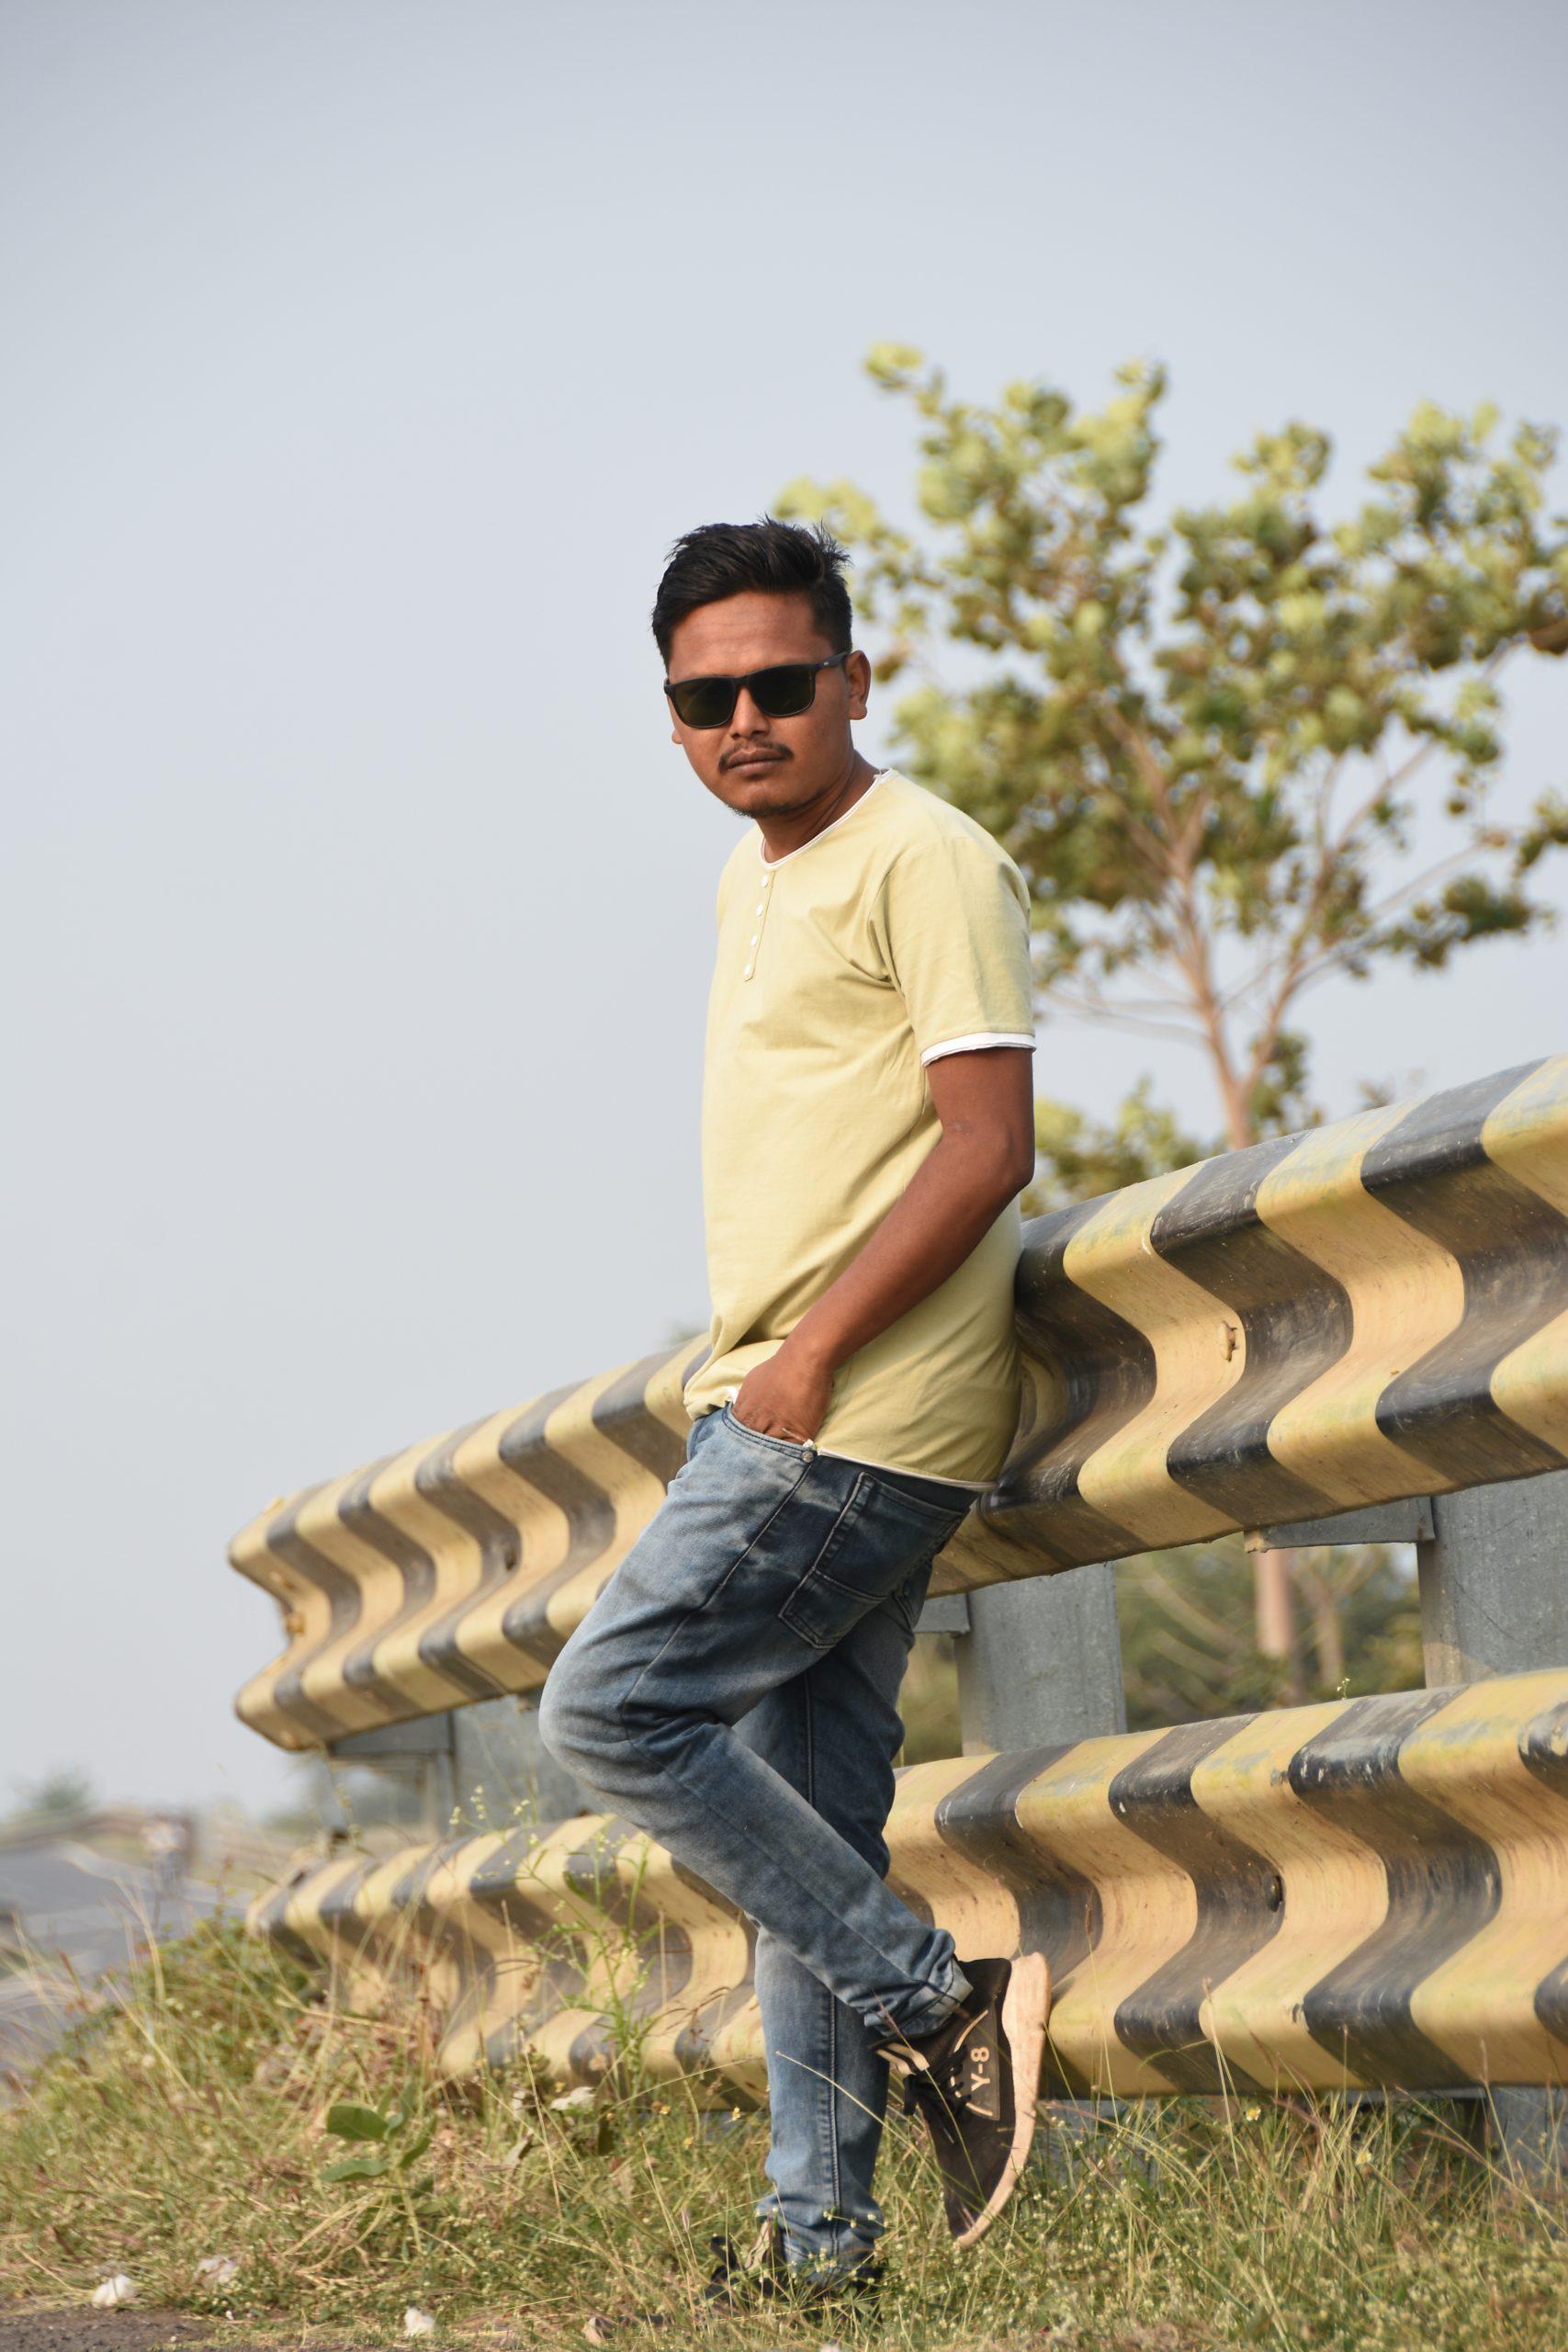 Boy posing near road railing